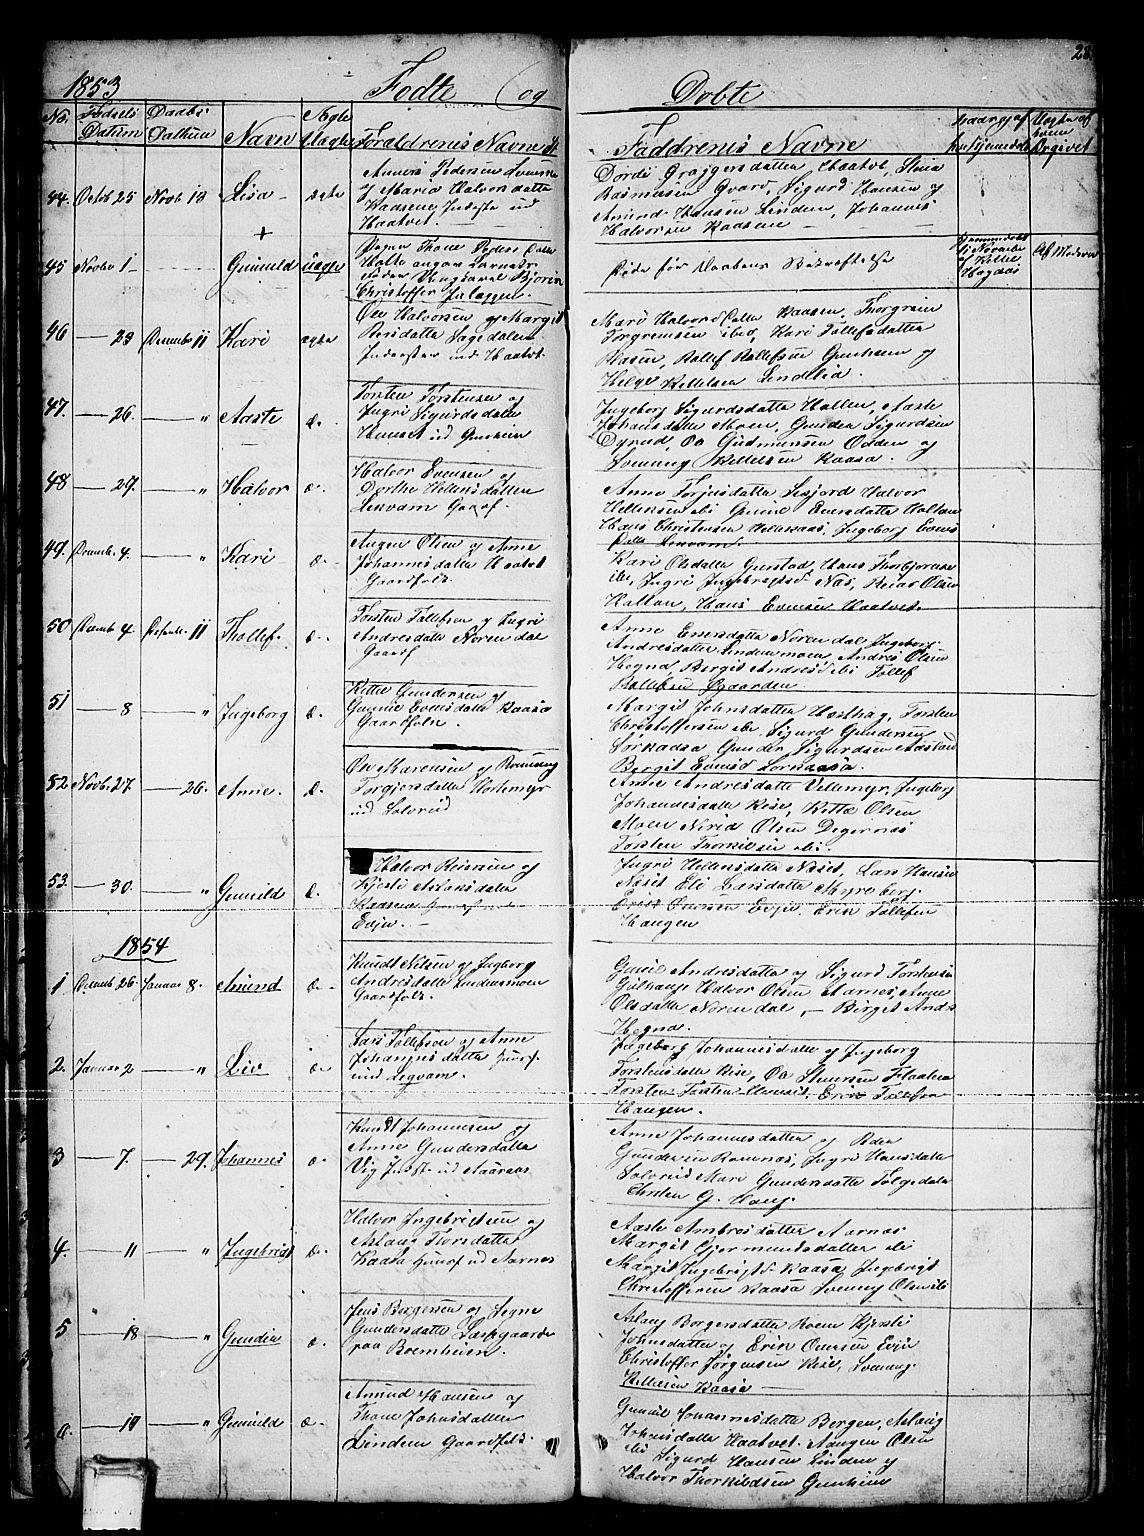 SAKO, Sauherad kirkebøker, G/Gb/L0001: Klokkerbok nr. II 1, 1845-1865, s. 28